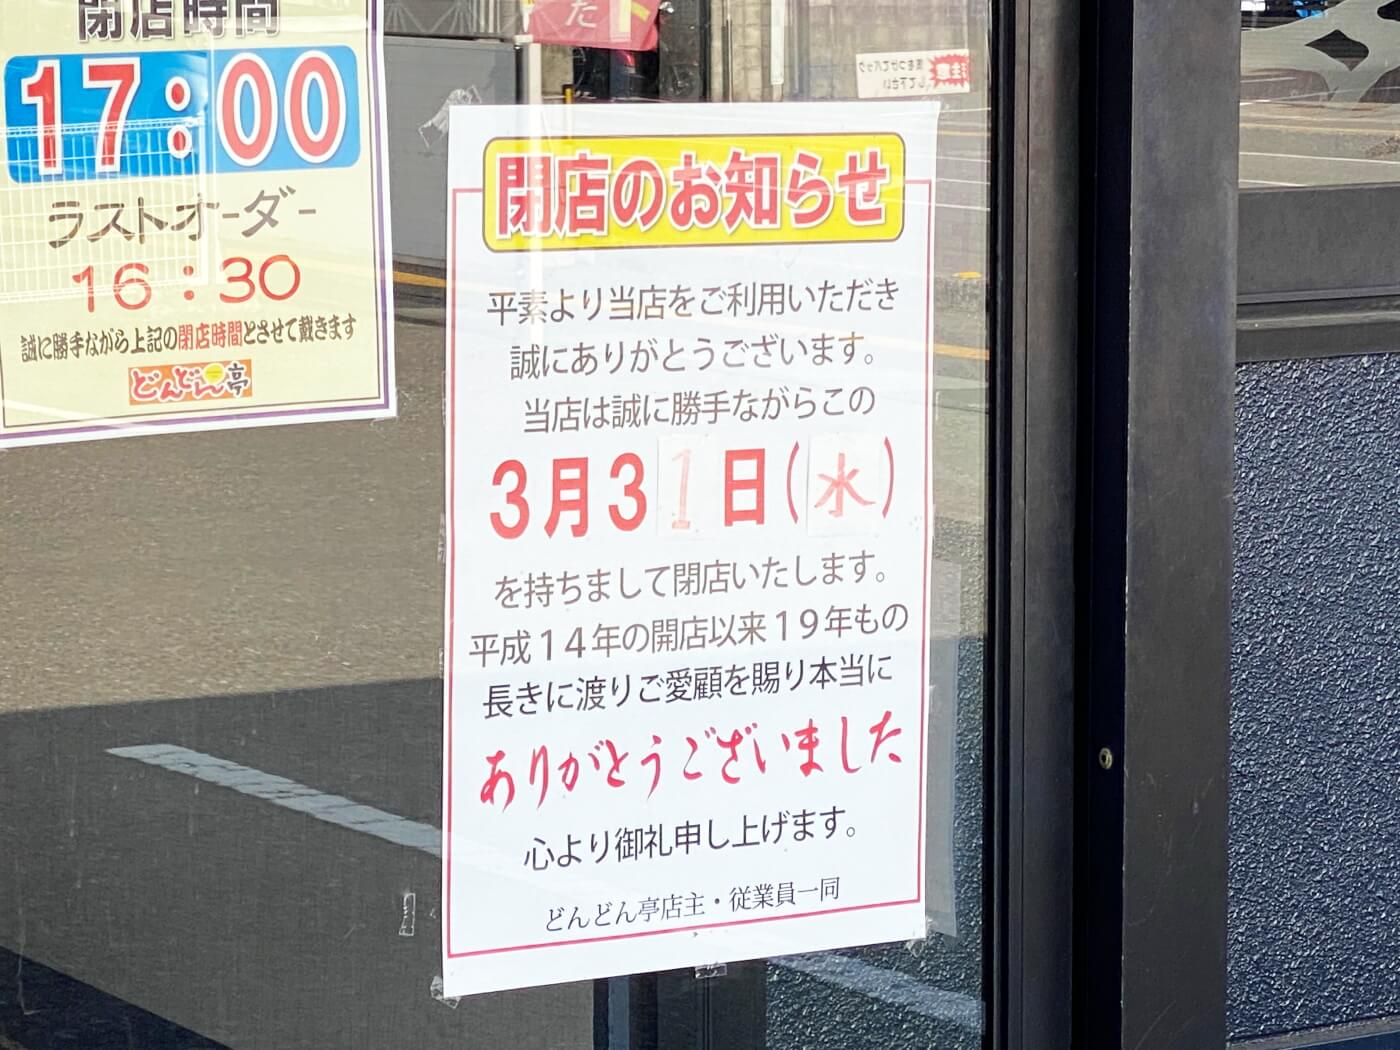 どんどん亭高知若草店 閉店のお知らせ